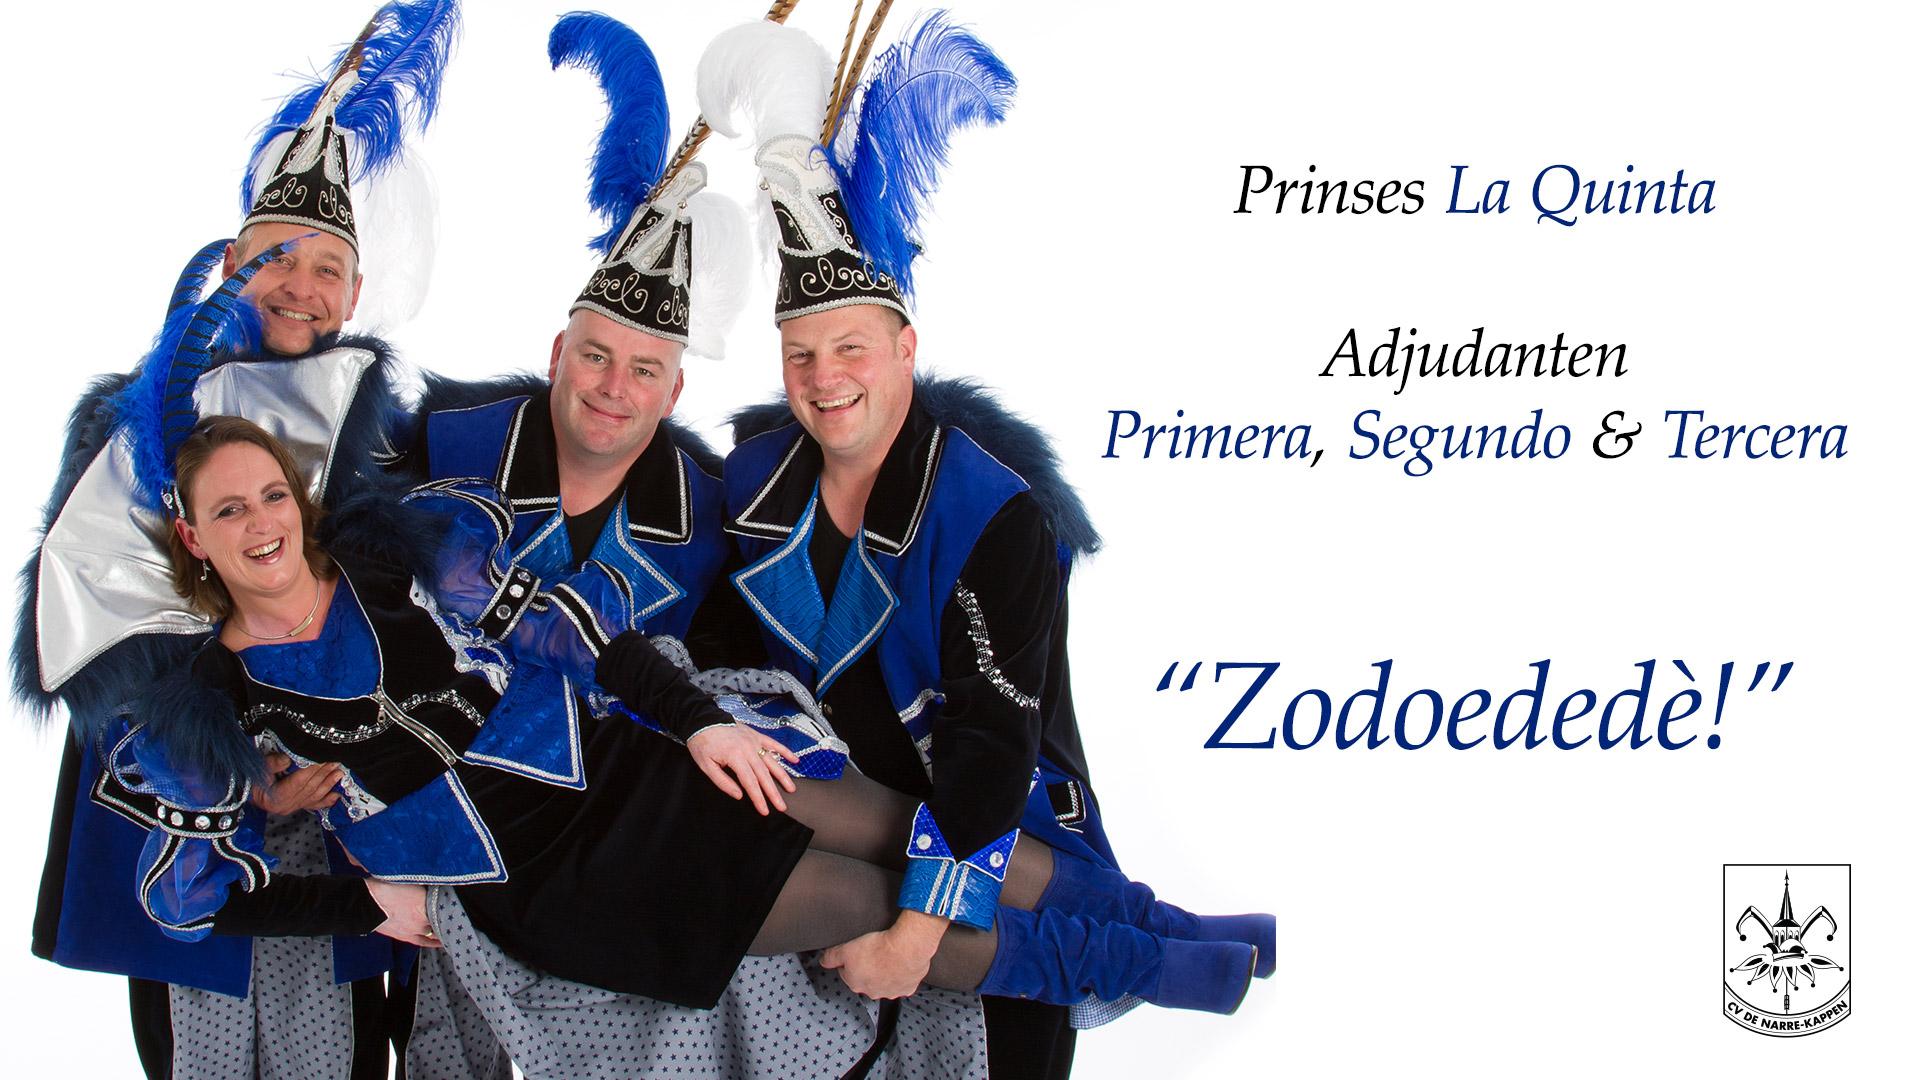 prinsen spreuken CV De Narre Kappen | Princes La Quinta rules! prinsen spreuken